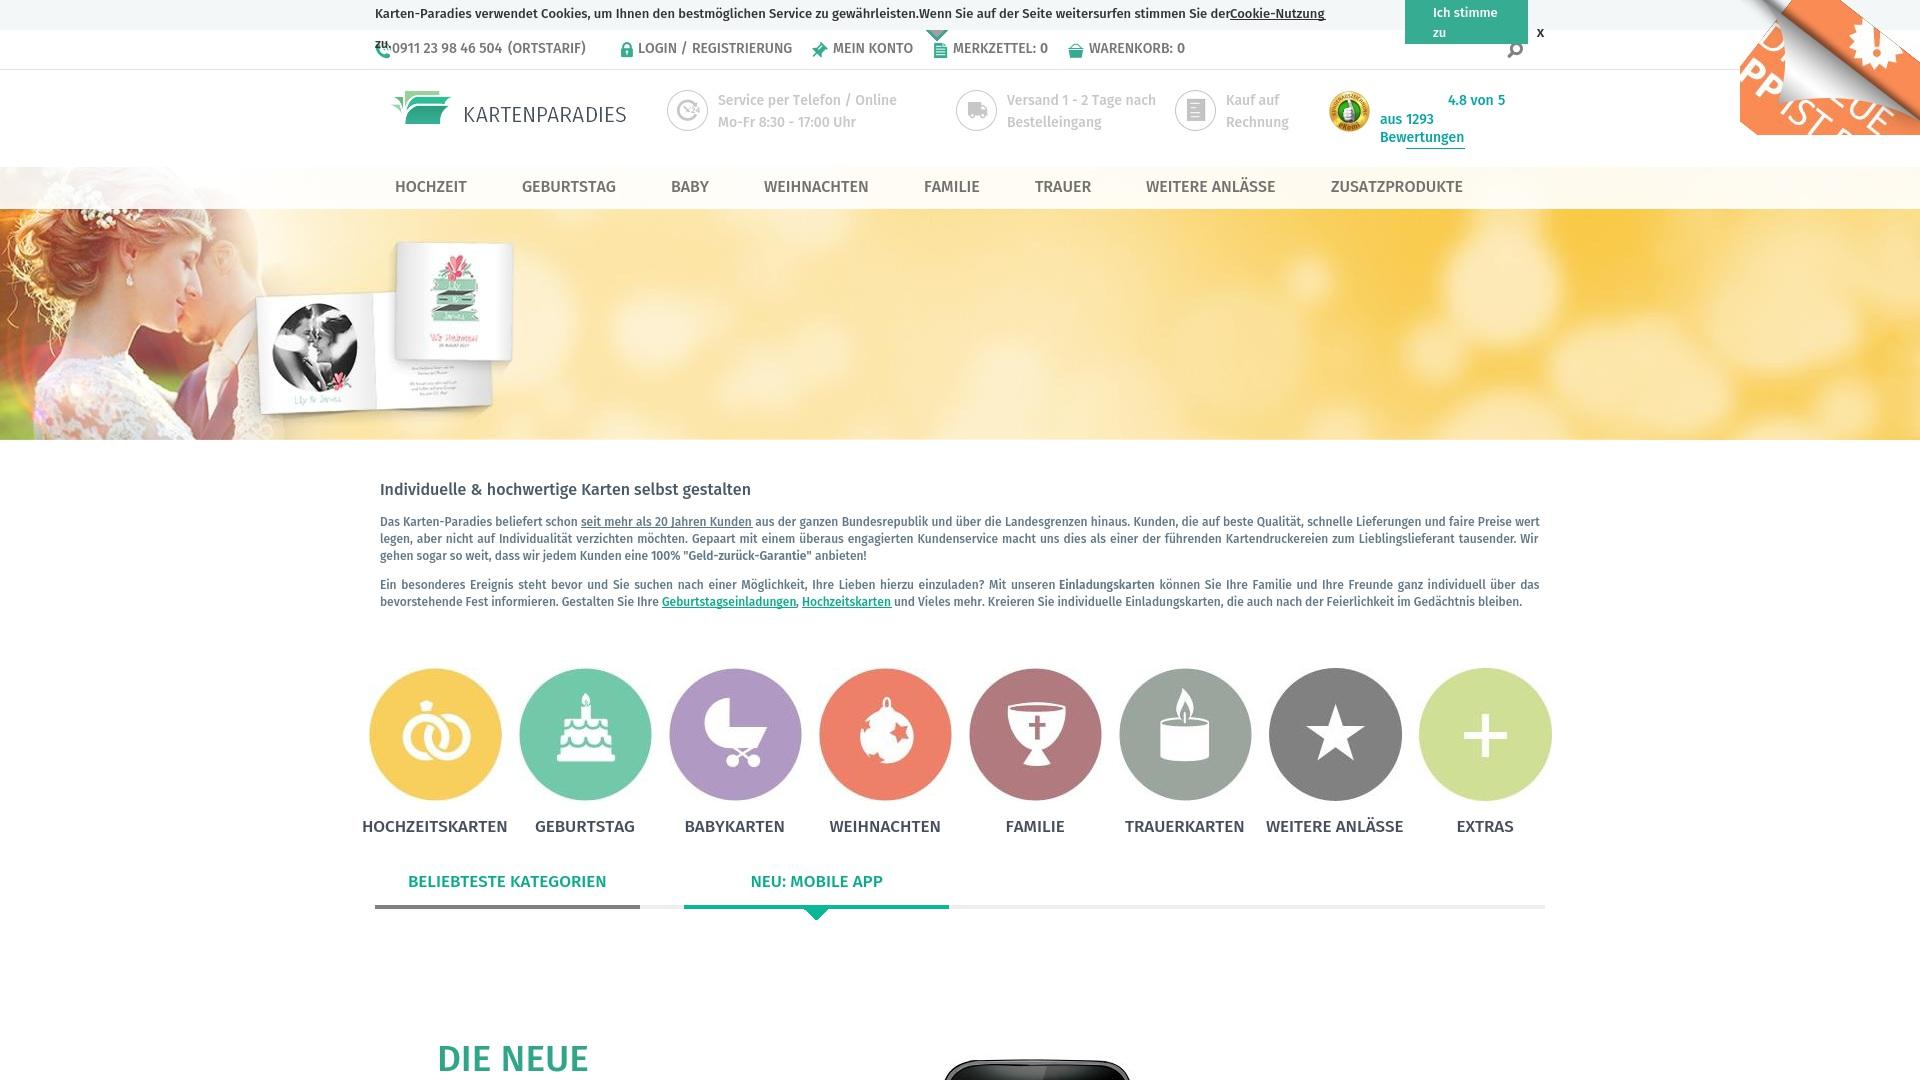 Gutschein für Karten-paradies: Rabatte für  Karten-paradies sichern